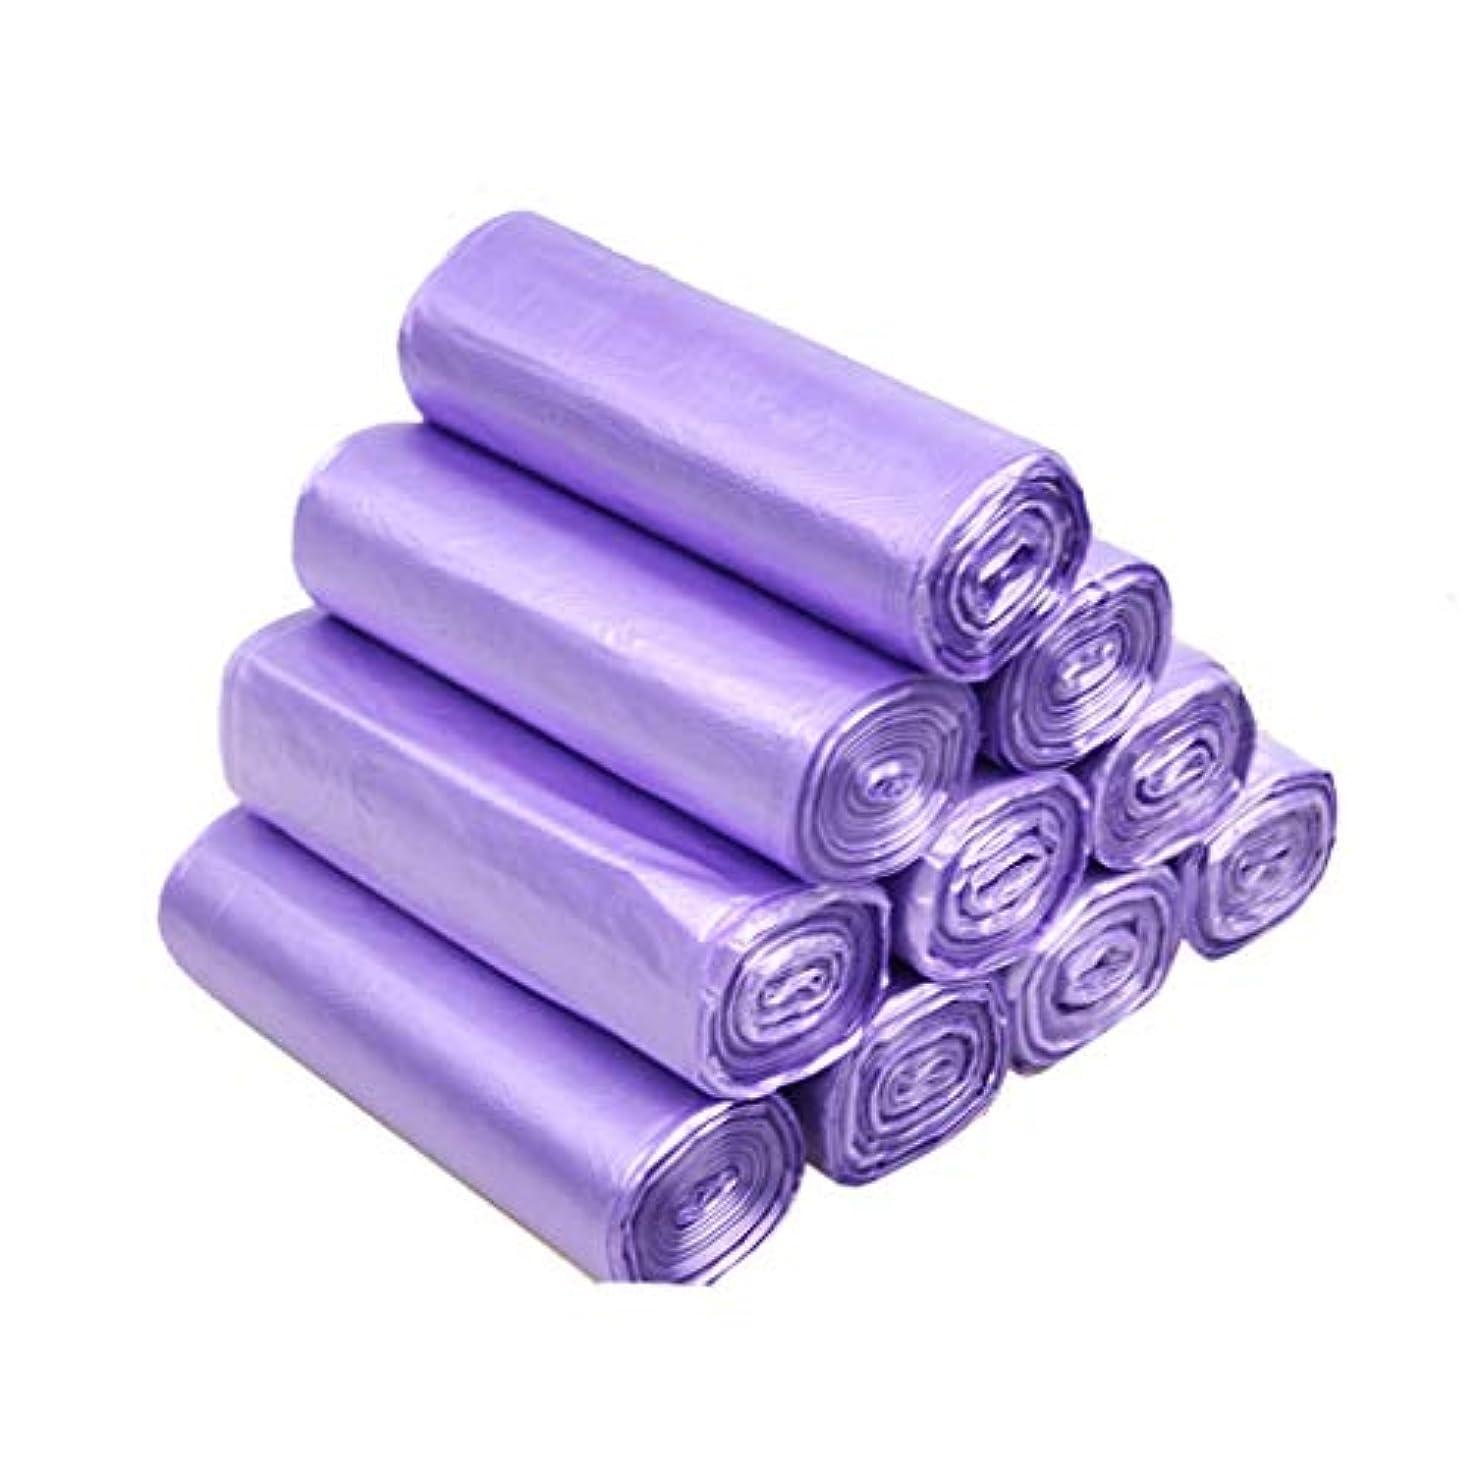 債務本を読むウルル家庭用ゴミ袋ペダル袋小箱ヘビーデューティ長方形箱なしゴミ袋クロージングゴミ袋ゴミ箱ゴミ袋PE食品ゴミ袋ゴミ袋(サイズ:45×50cm) (サイズ さいず : 10 rolls of incense 200 bags)